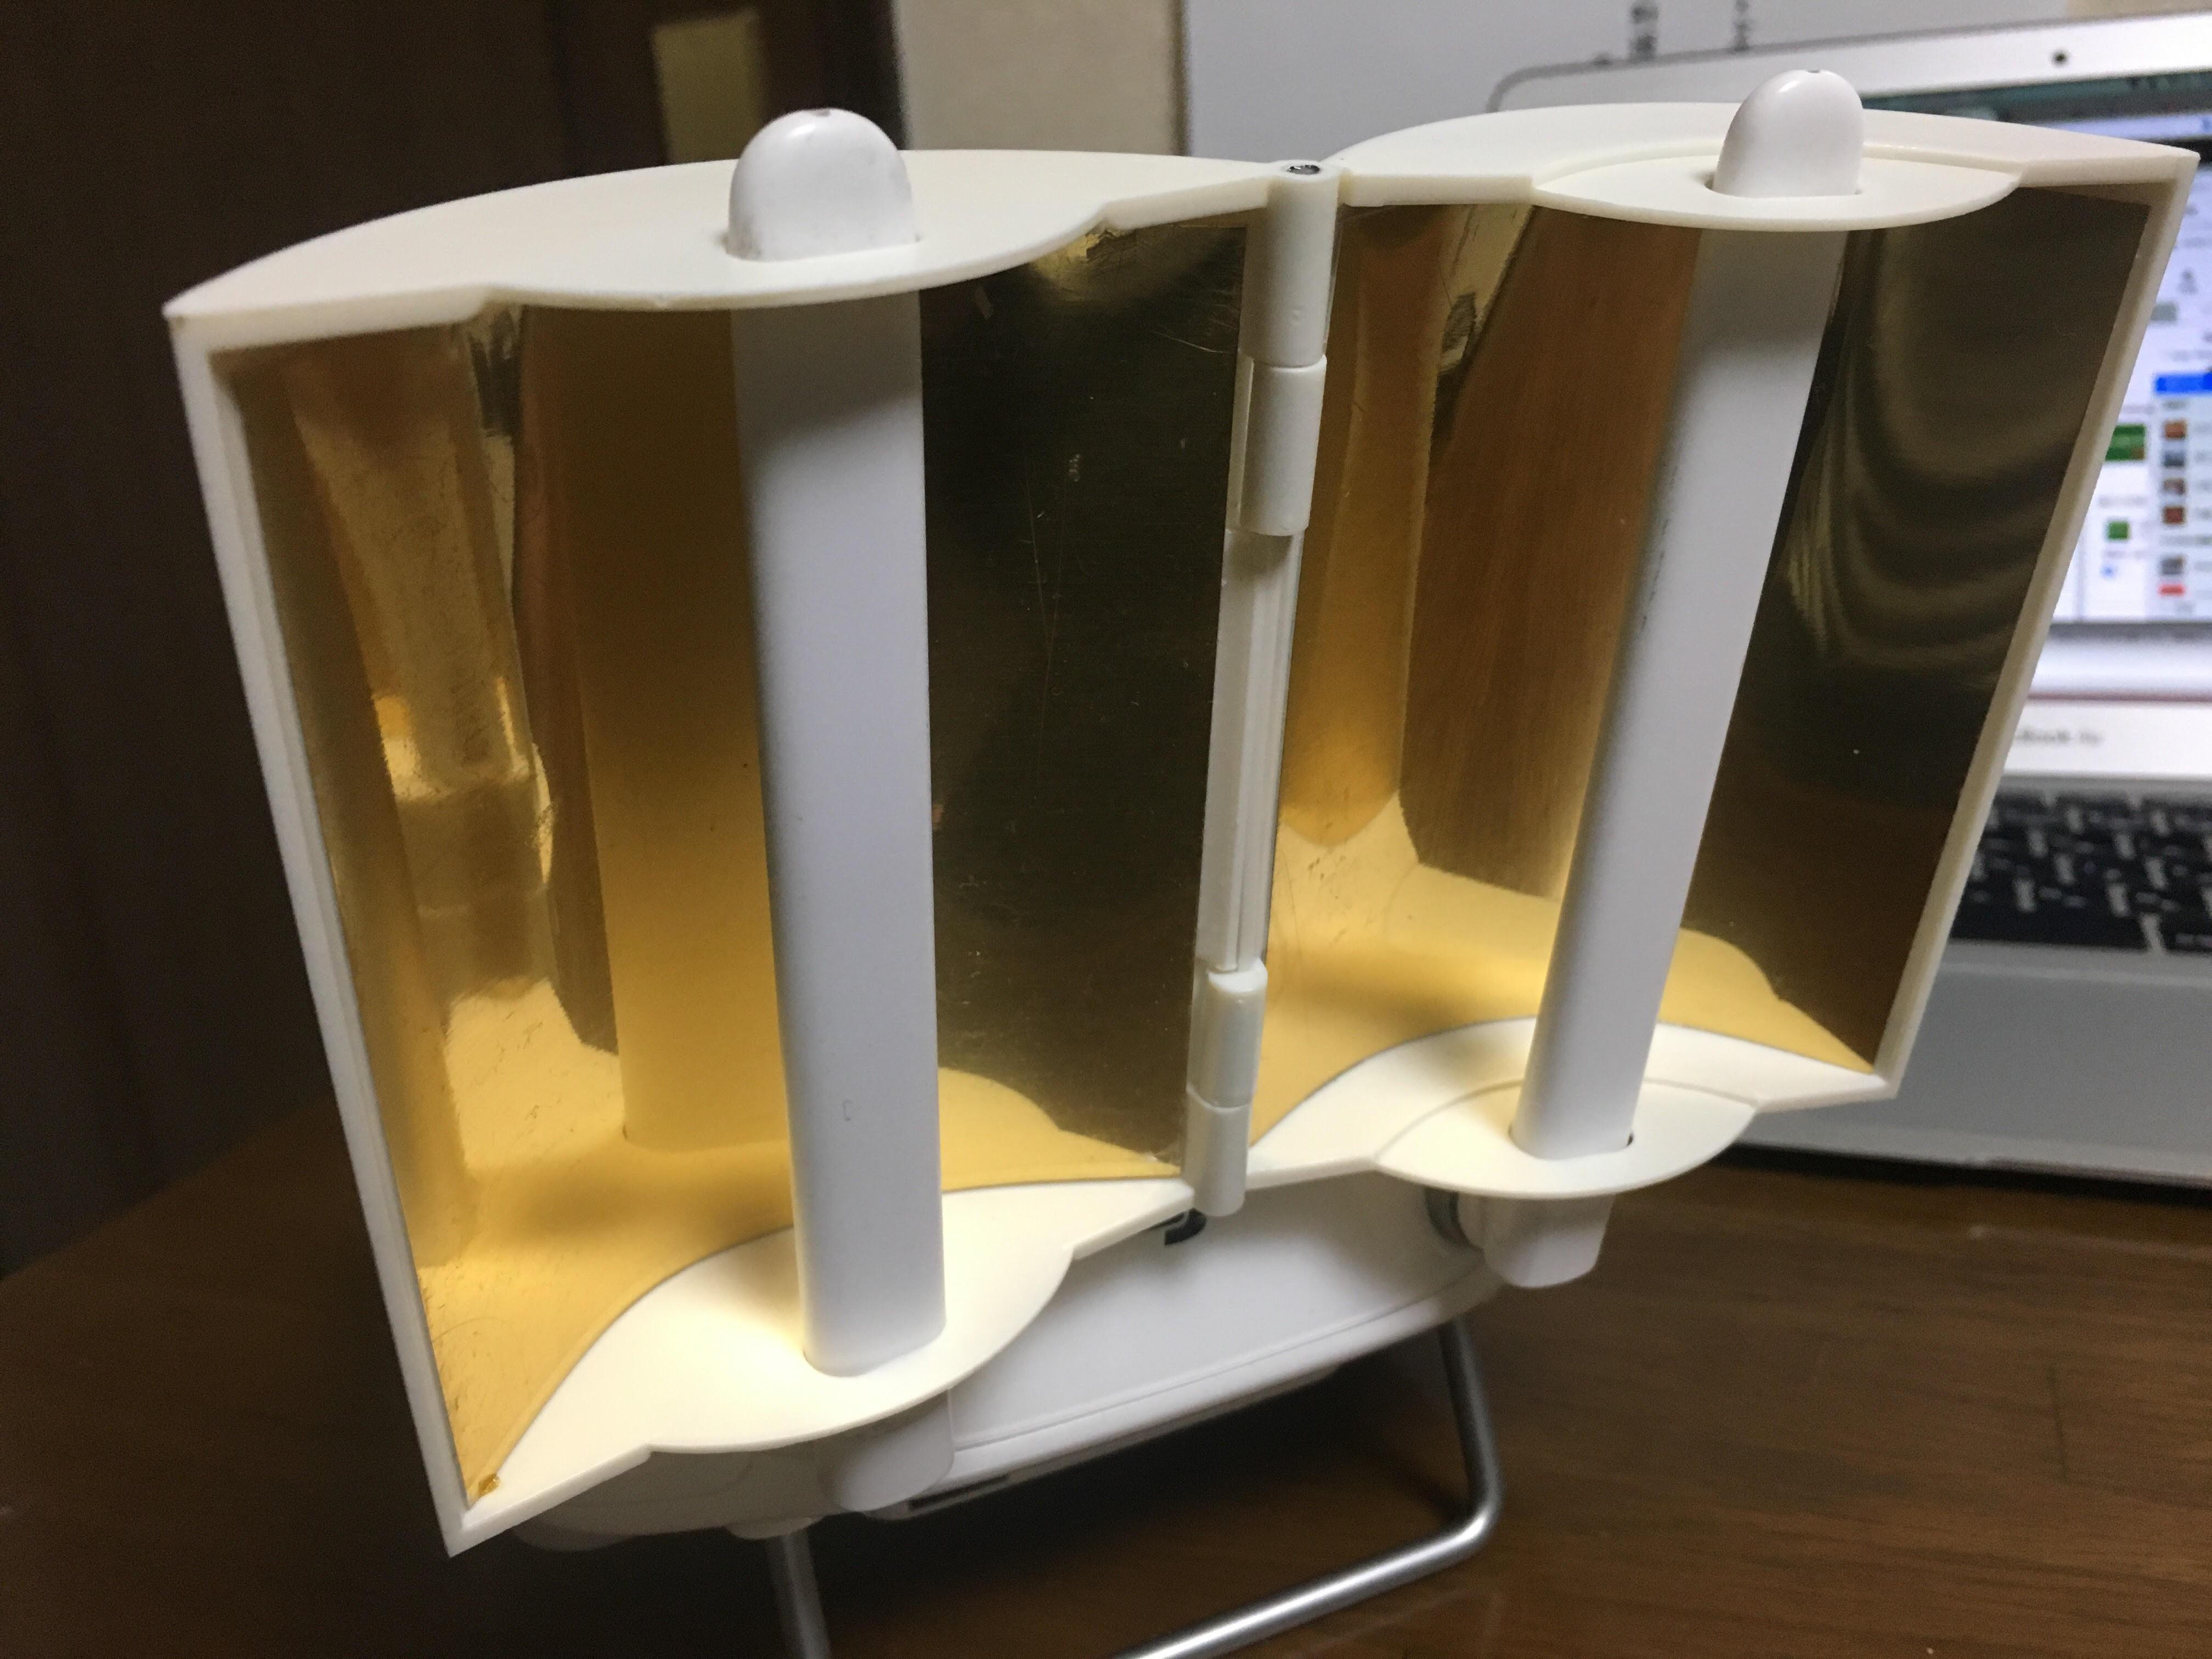 アンテナレンジブースター エクステンダー リモコンFPV信号ブースター (ゴールデン)